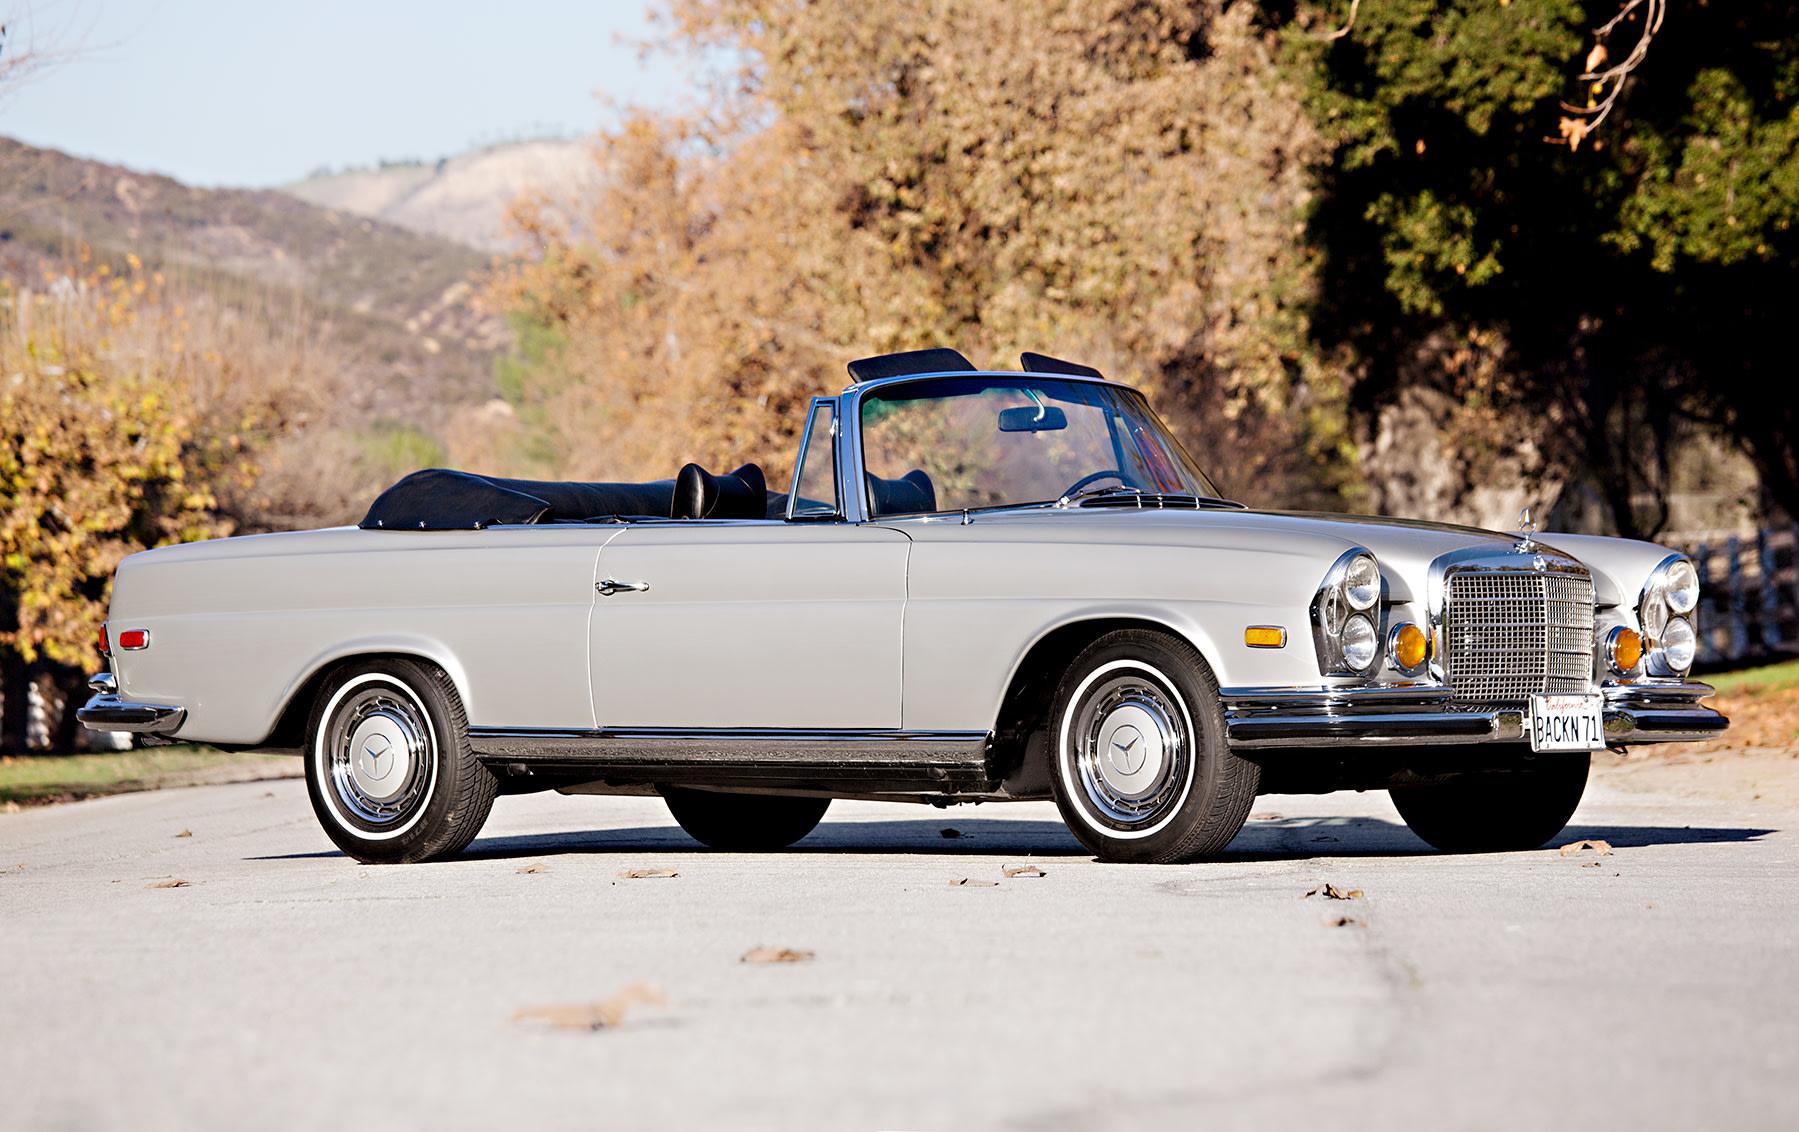 1971 Mercedes-Benz 280 SE 3.5 Cabriolet(2)